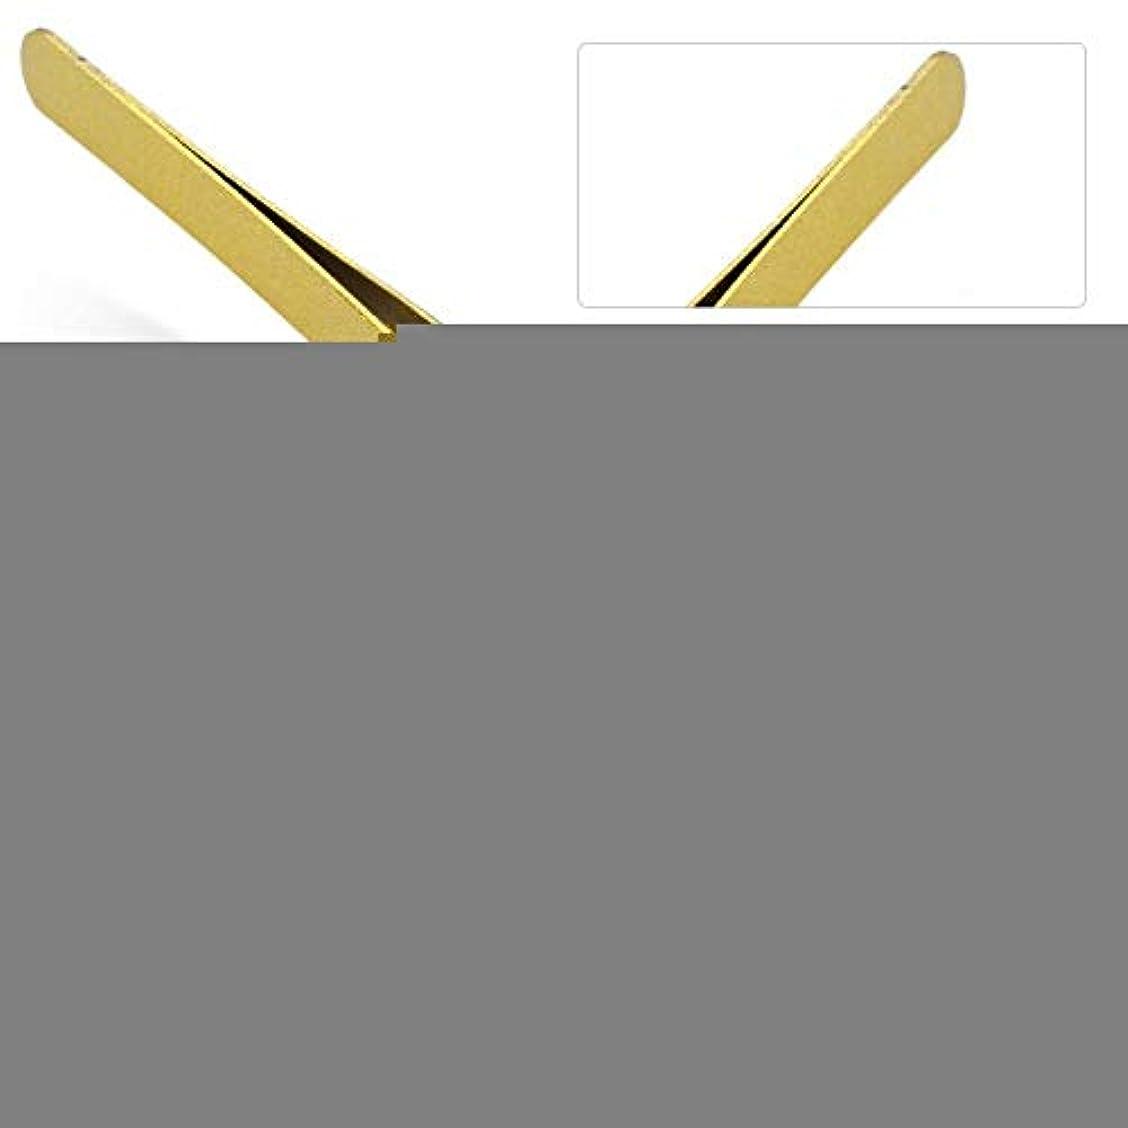 オプショナル法律堤防まつげエクステンションの偽まつげのグラフトのための専門のステンレス鋼ピンセット(# 2)